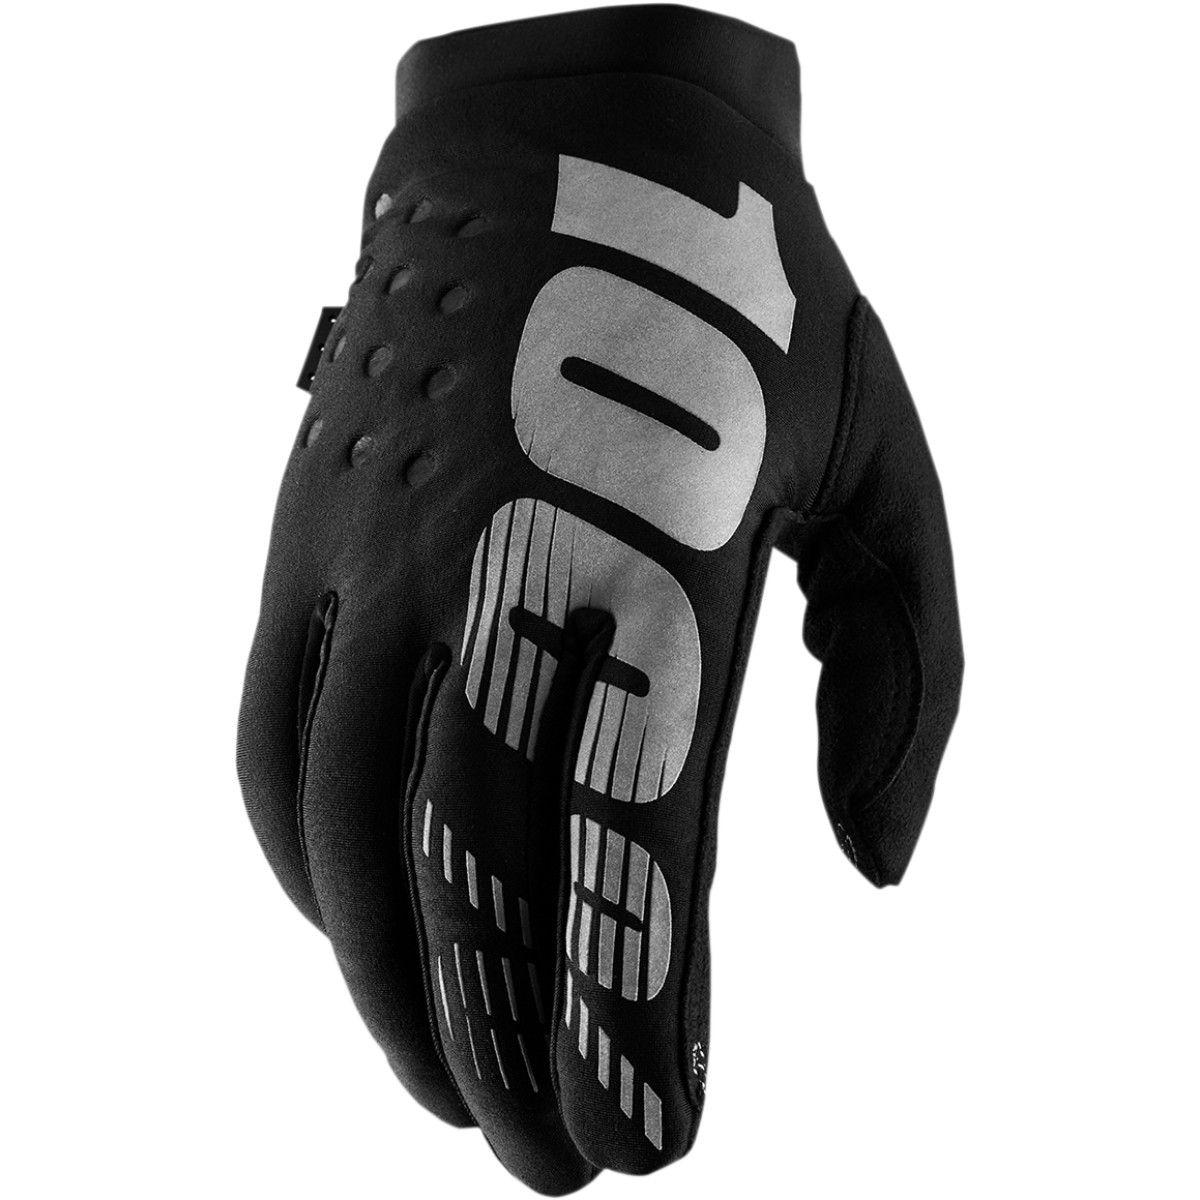 100% Brisker Dames Winter Handschoenen Black/Grey